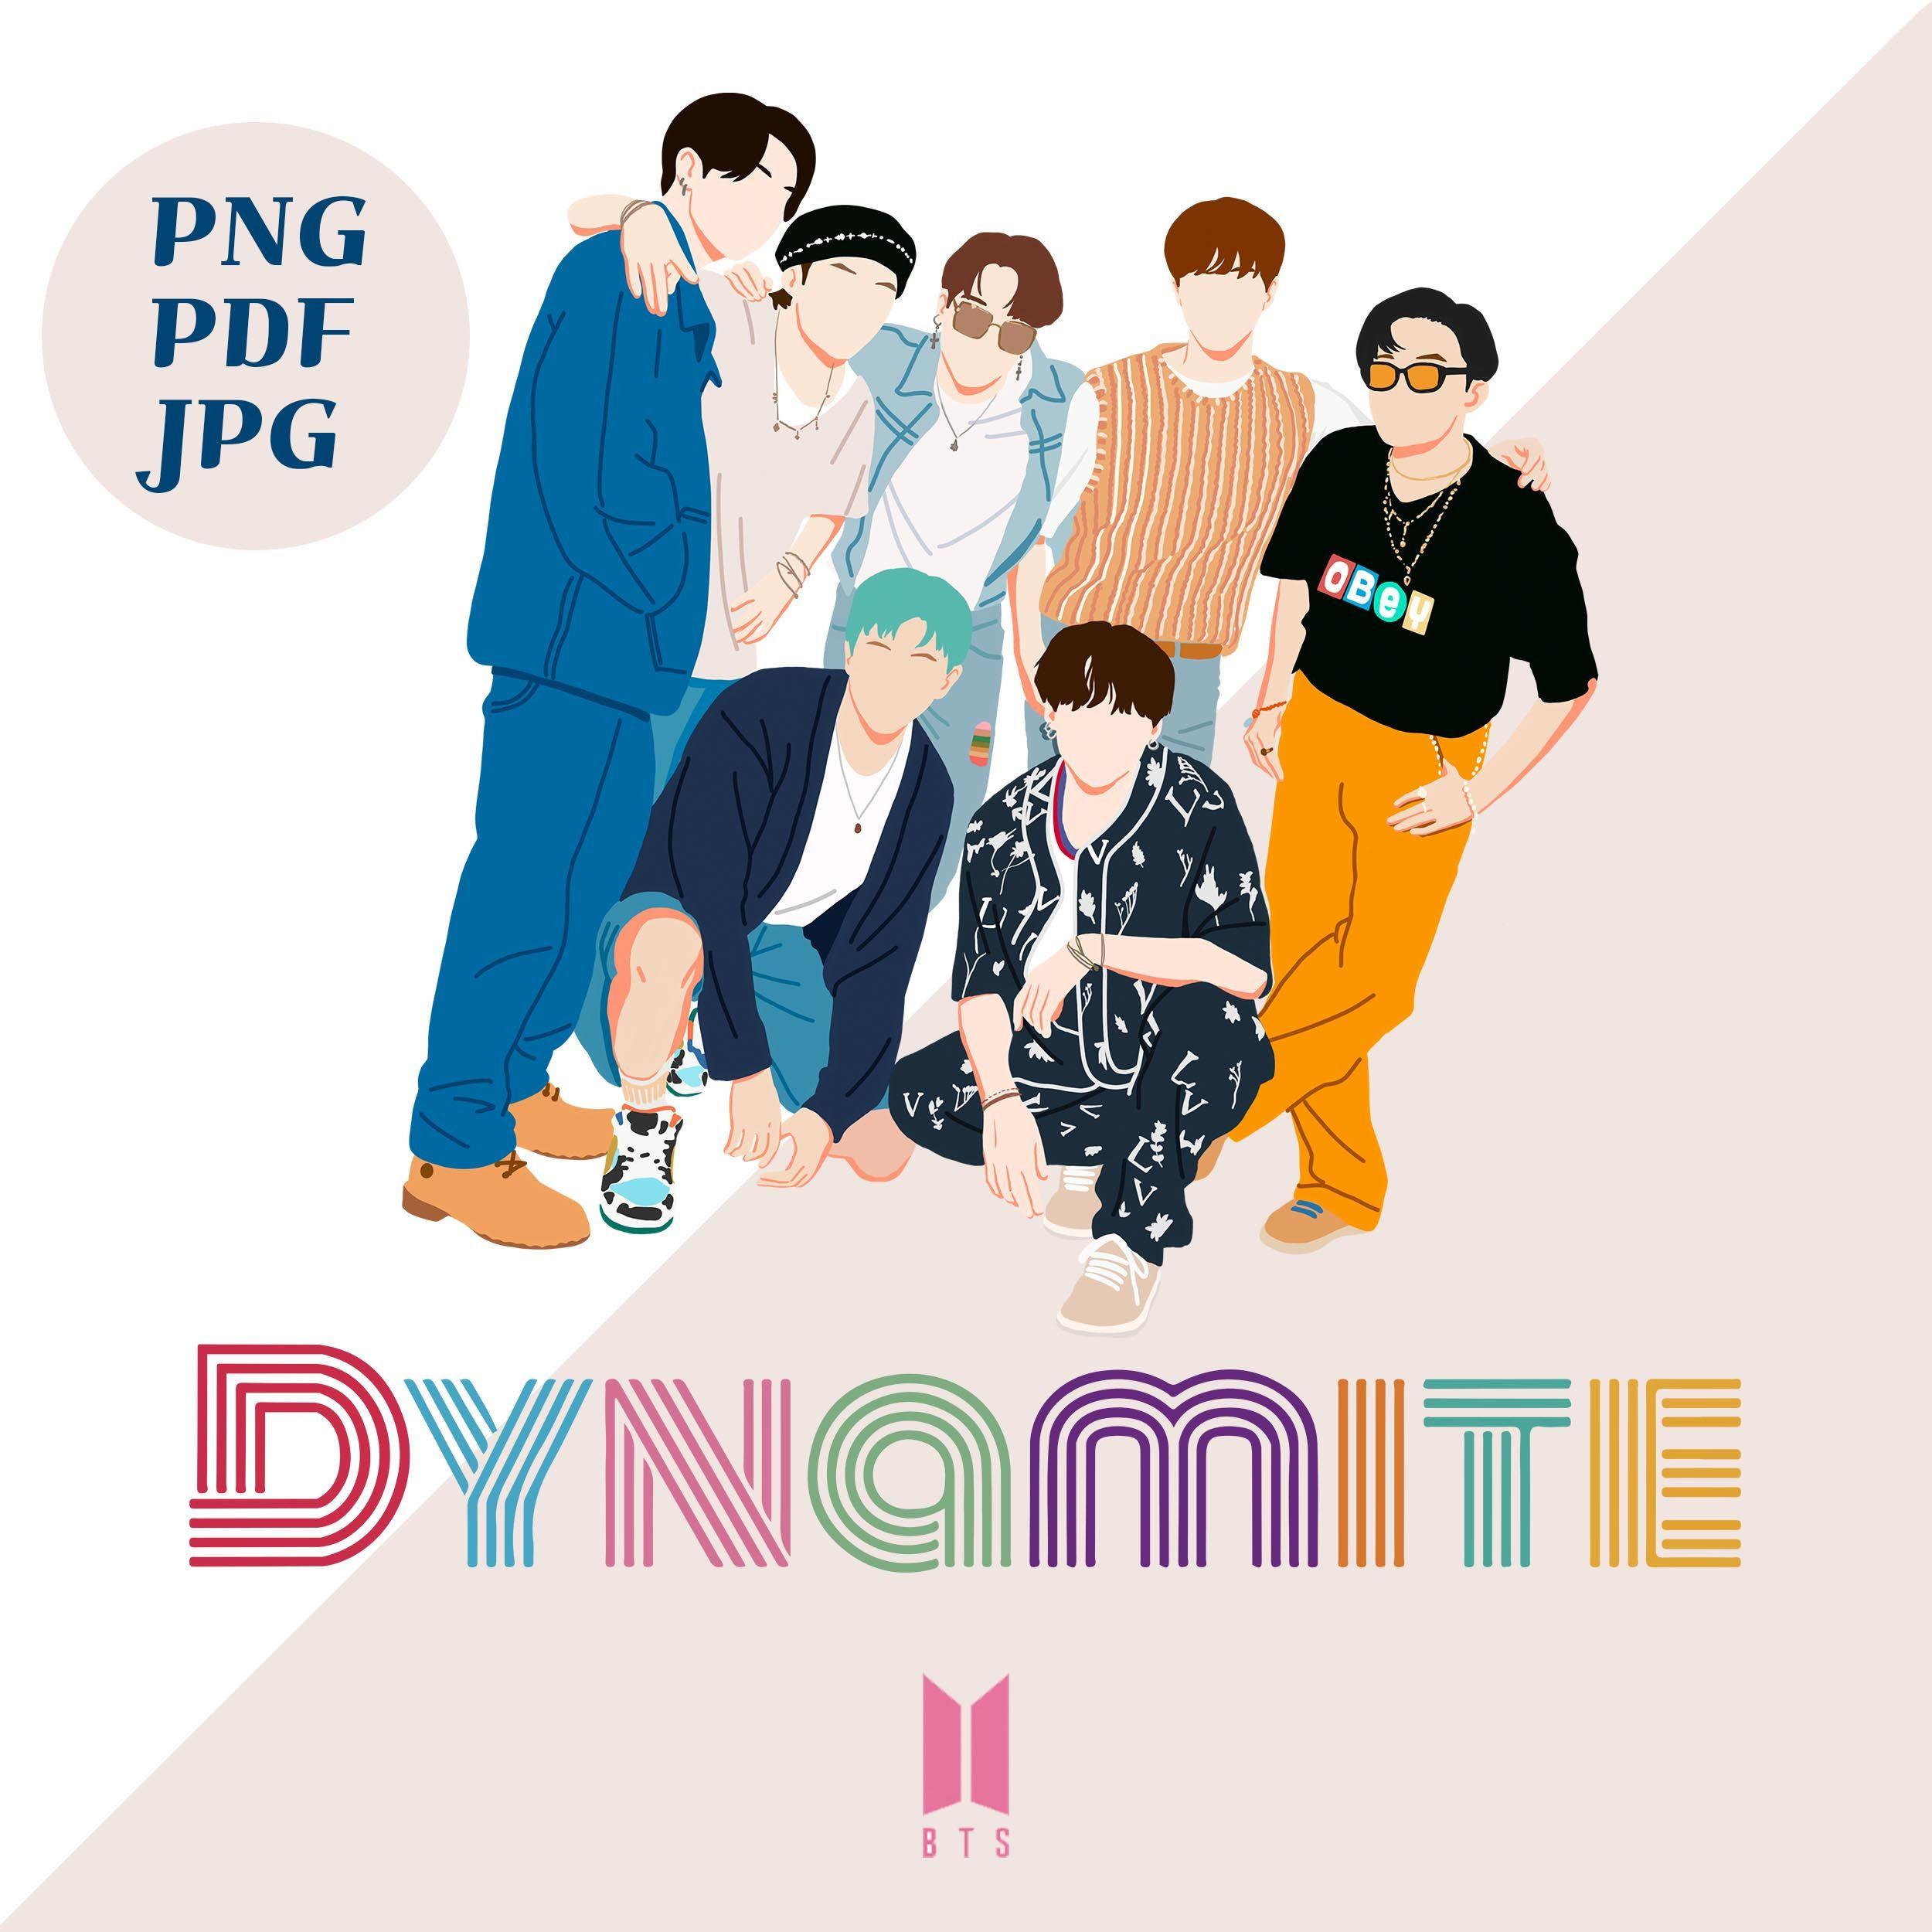 Bts Dynamite Clipart Bts Dynamite Logo Bts Dynamite Sticker Etsy Bts Shirt Dynamite Bts Bts wallpaper 2021 dynamite